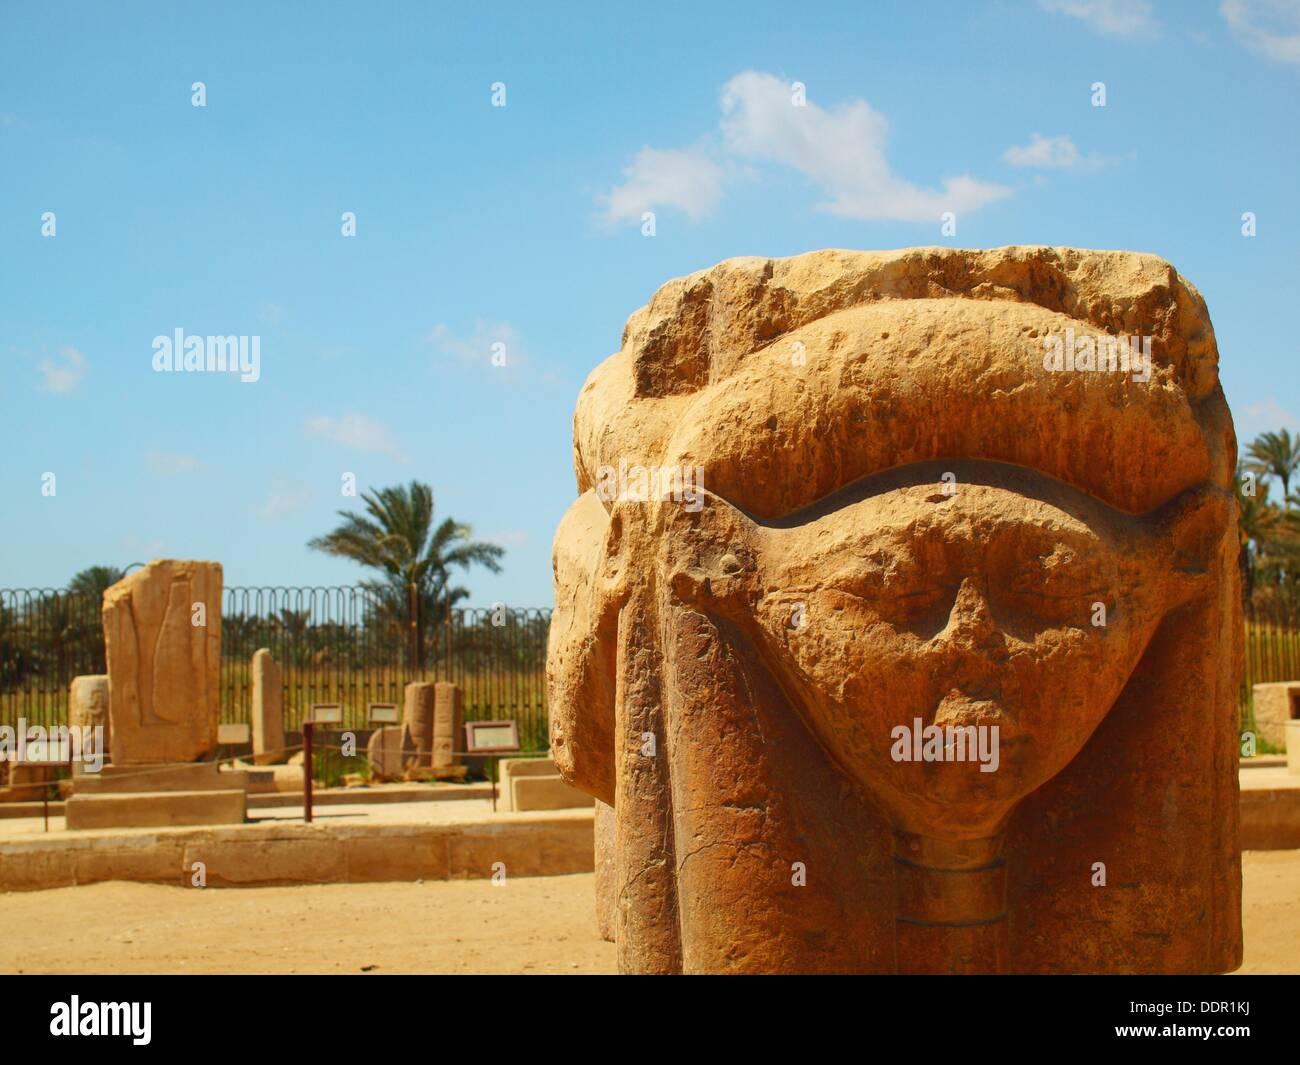 Escultura, Museo de Memphis, Egipto - Stock Image